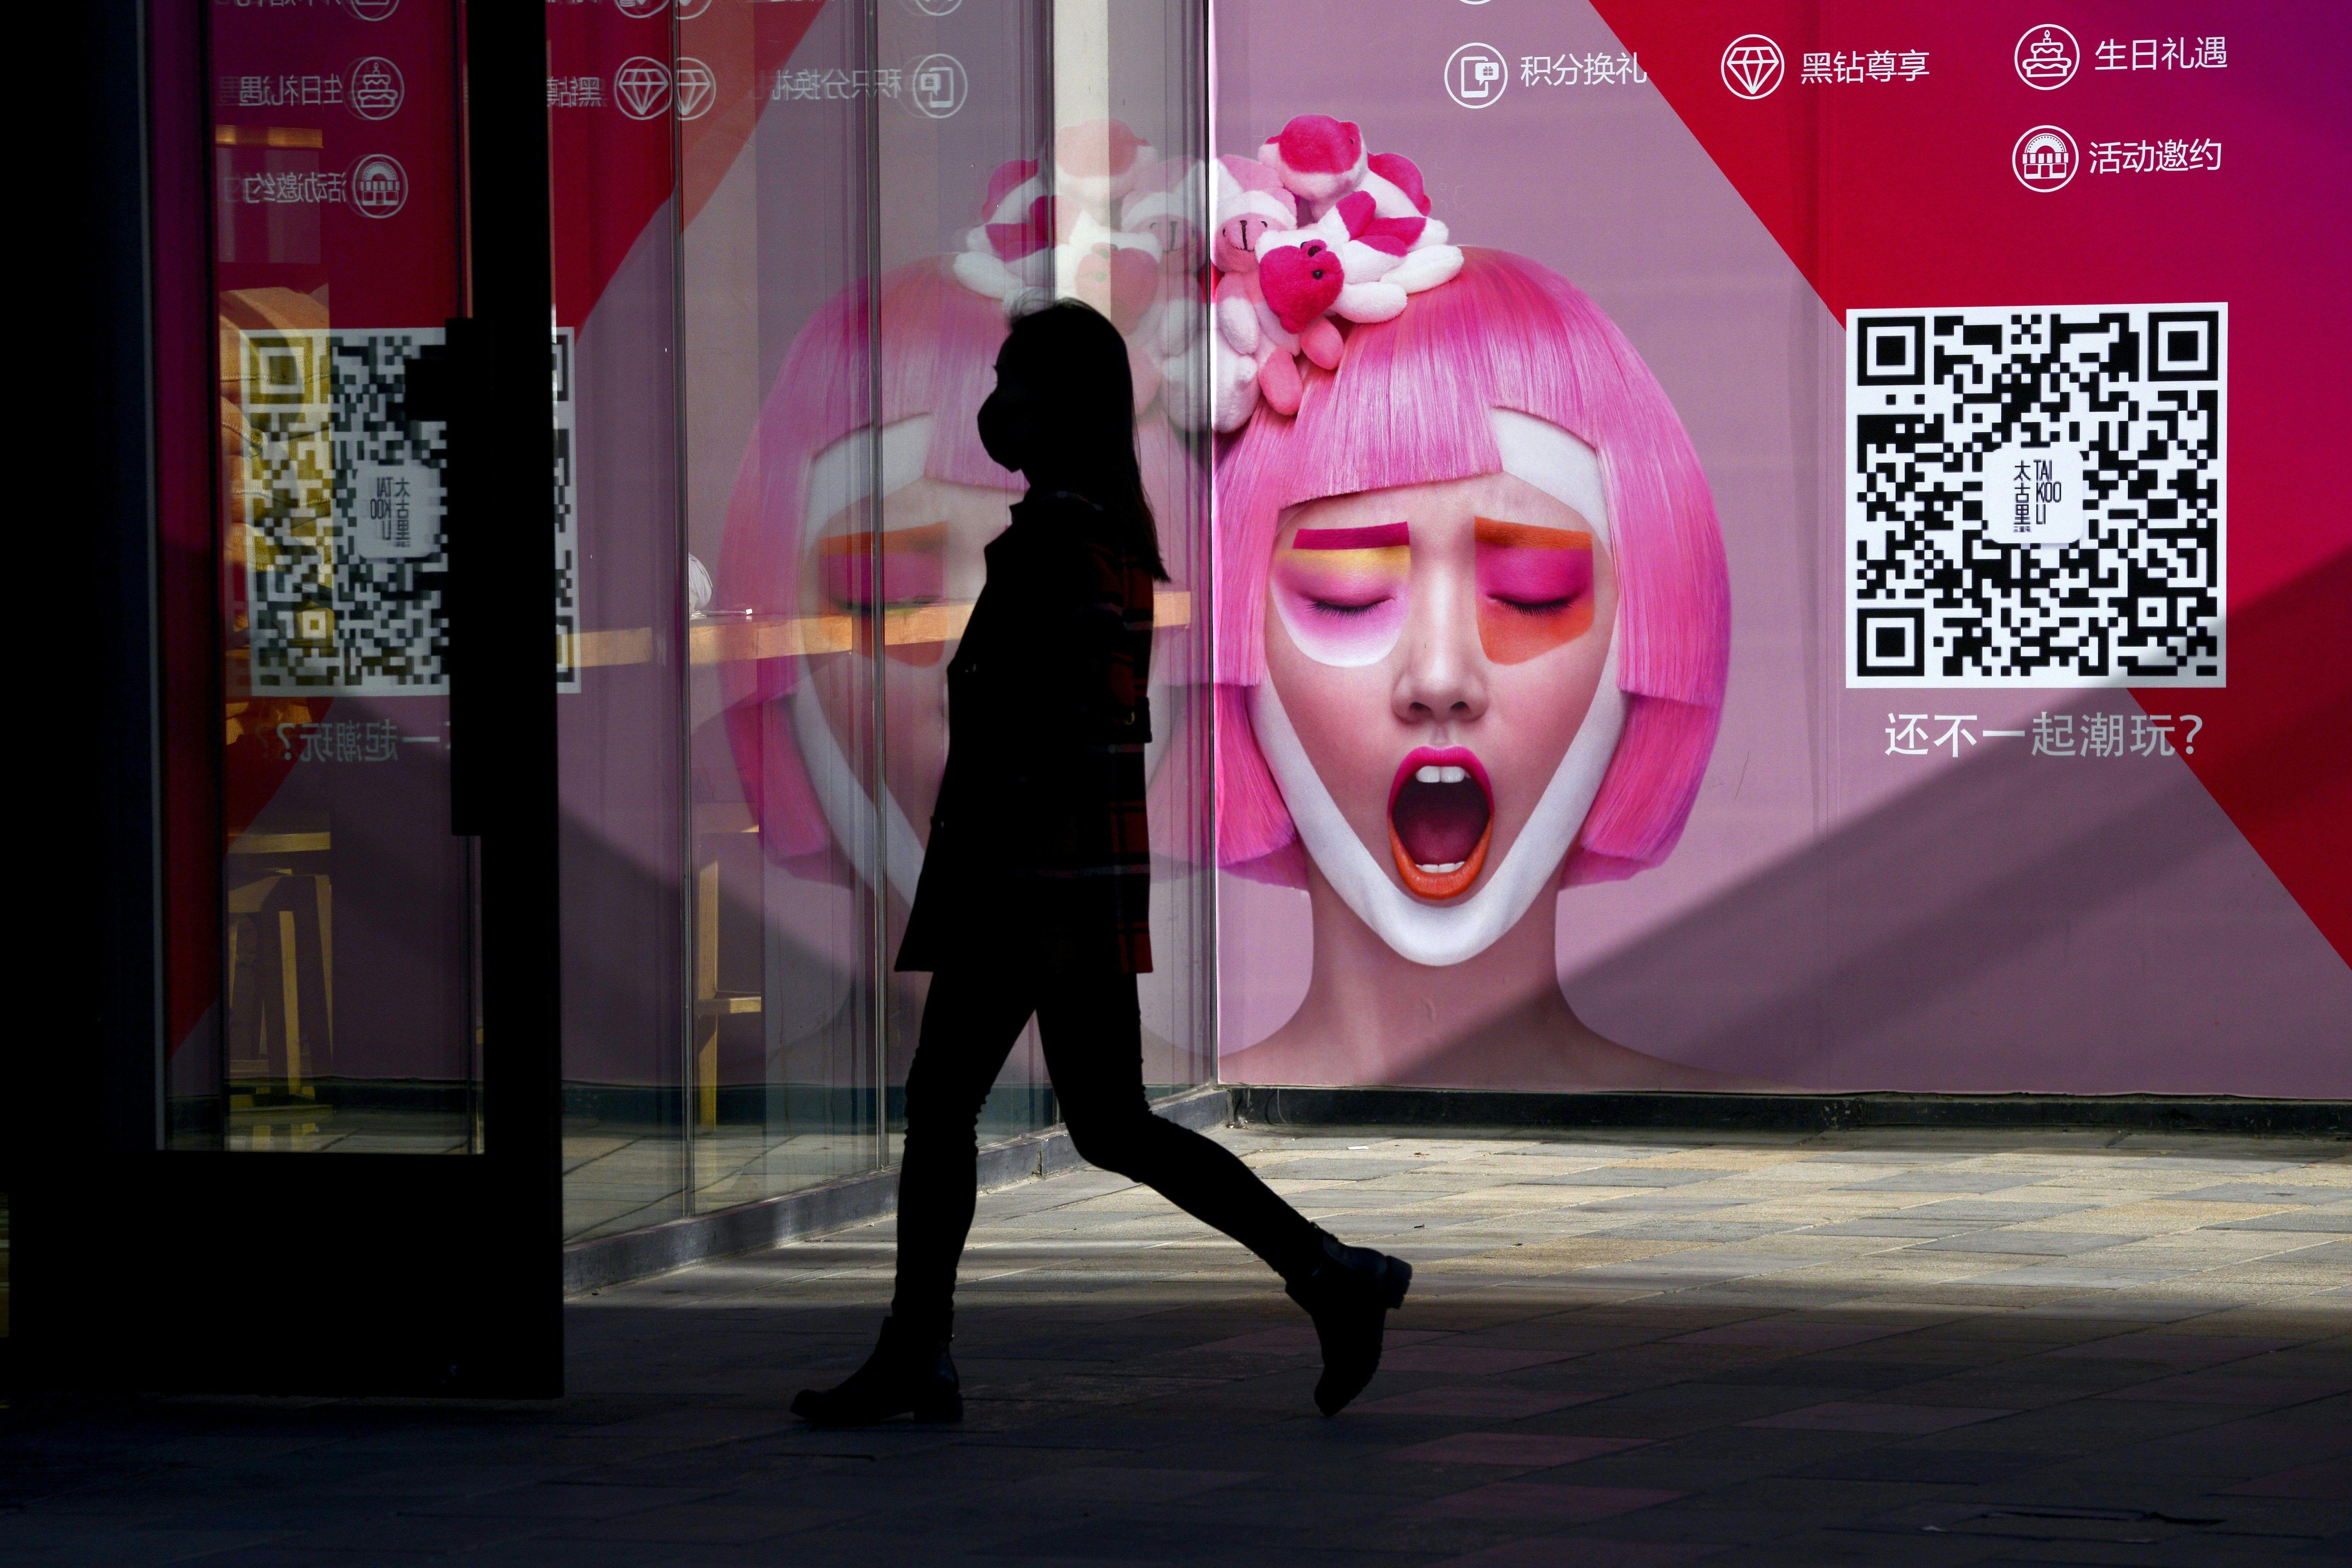 TOPSHOT-CHINA-ECONOMY